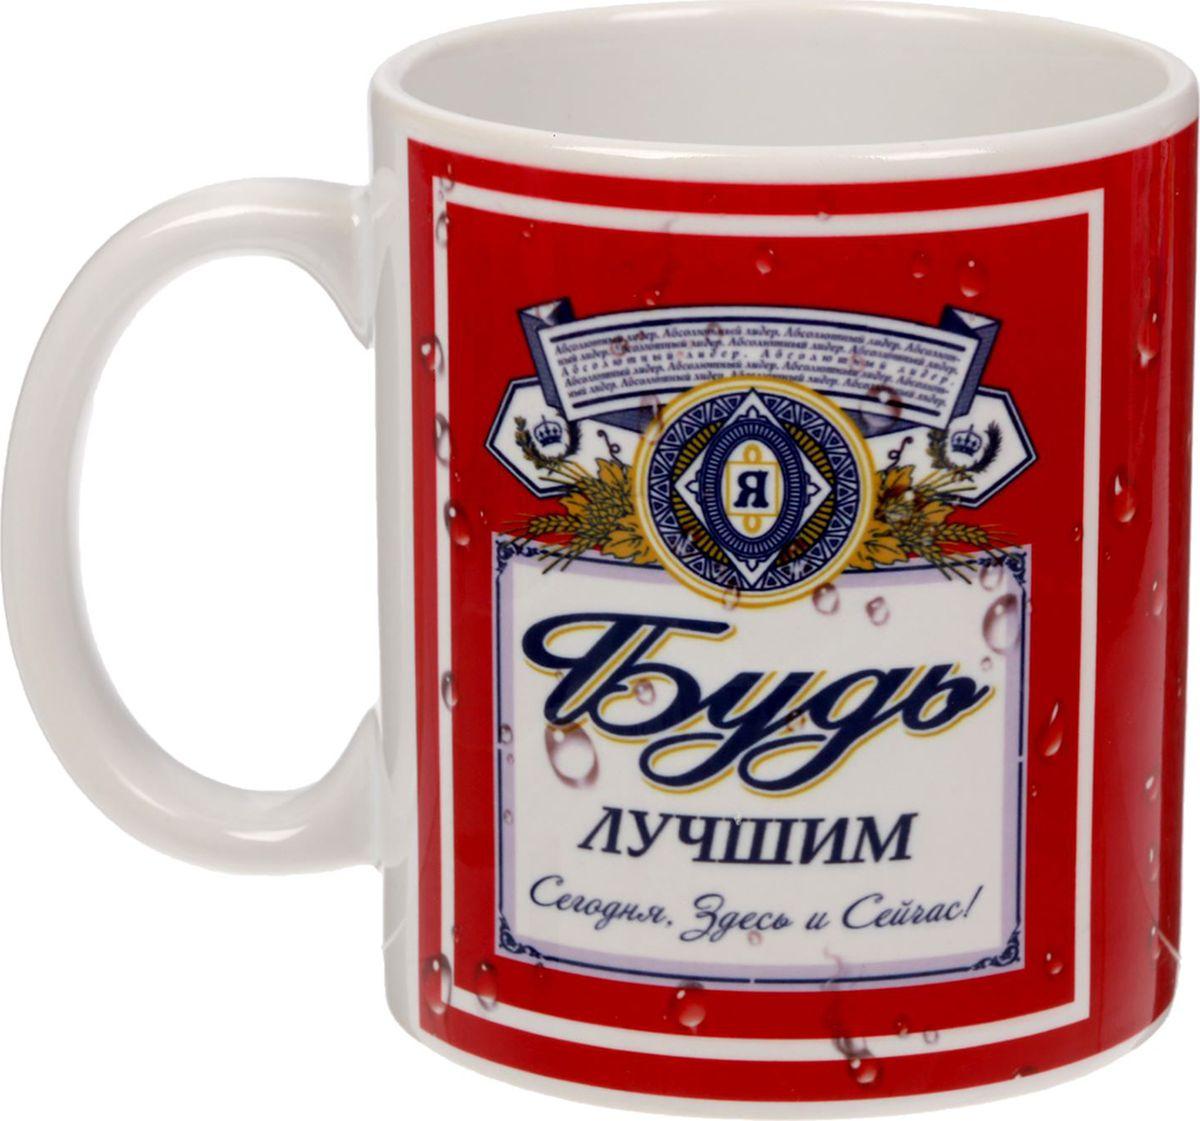 Яркая и позитивная кружка сделает ваше чаепитие по-настоящему уютным. Такая привычная для каждого вещь, но с новым дизайном, улучшит настроение и вдохновит на победы. Кружка подойдёт для ваших любимых напитков: чая, кофе, смузи или горячего шоколада. Оптимальный объём (300 мл) непременно порадует вас.Изделие можно использовать в микроволновке, а значит, готовить вкуснейшие десерты дома или на работе. Ну, а когда от сладости останется только воспоминание, поставьте кружку в посудомоечную машину. Жароустойчивый рисунок легко переносит мойку и остаётся в первозданном виде даже через многие годы.